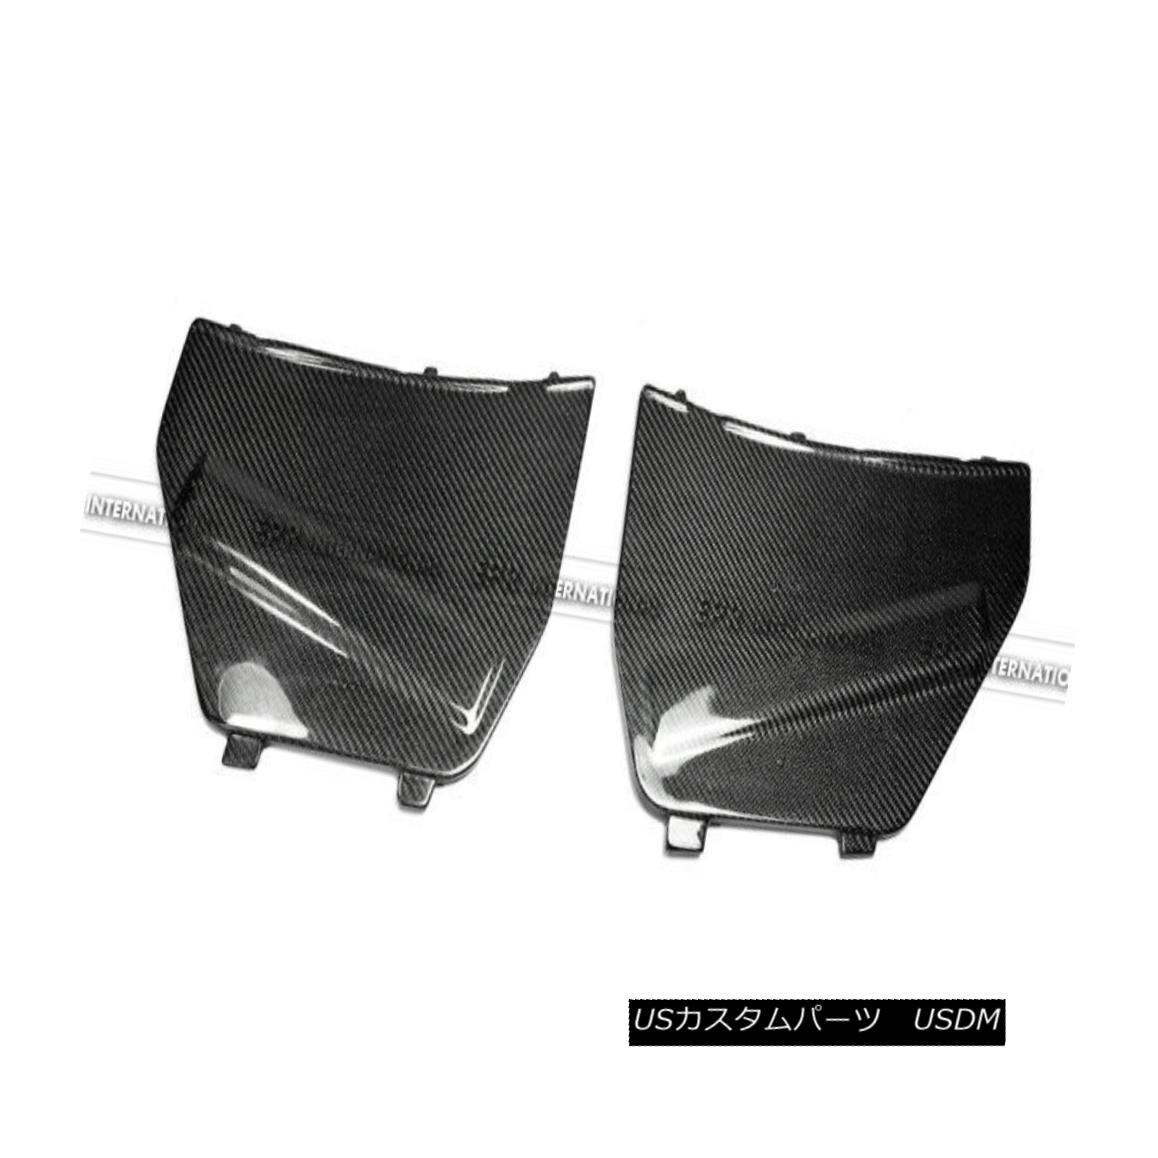 エアロパーツ ABC 2Pcs Battery Cover Cap Protecter Kits For Nissan R35 GTR GT-R Carbon Fiber 日産R35 GTR GT-R炭素繊維のためのABC 2Pcsバッテリーカバーキャッププロテクターキット